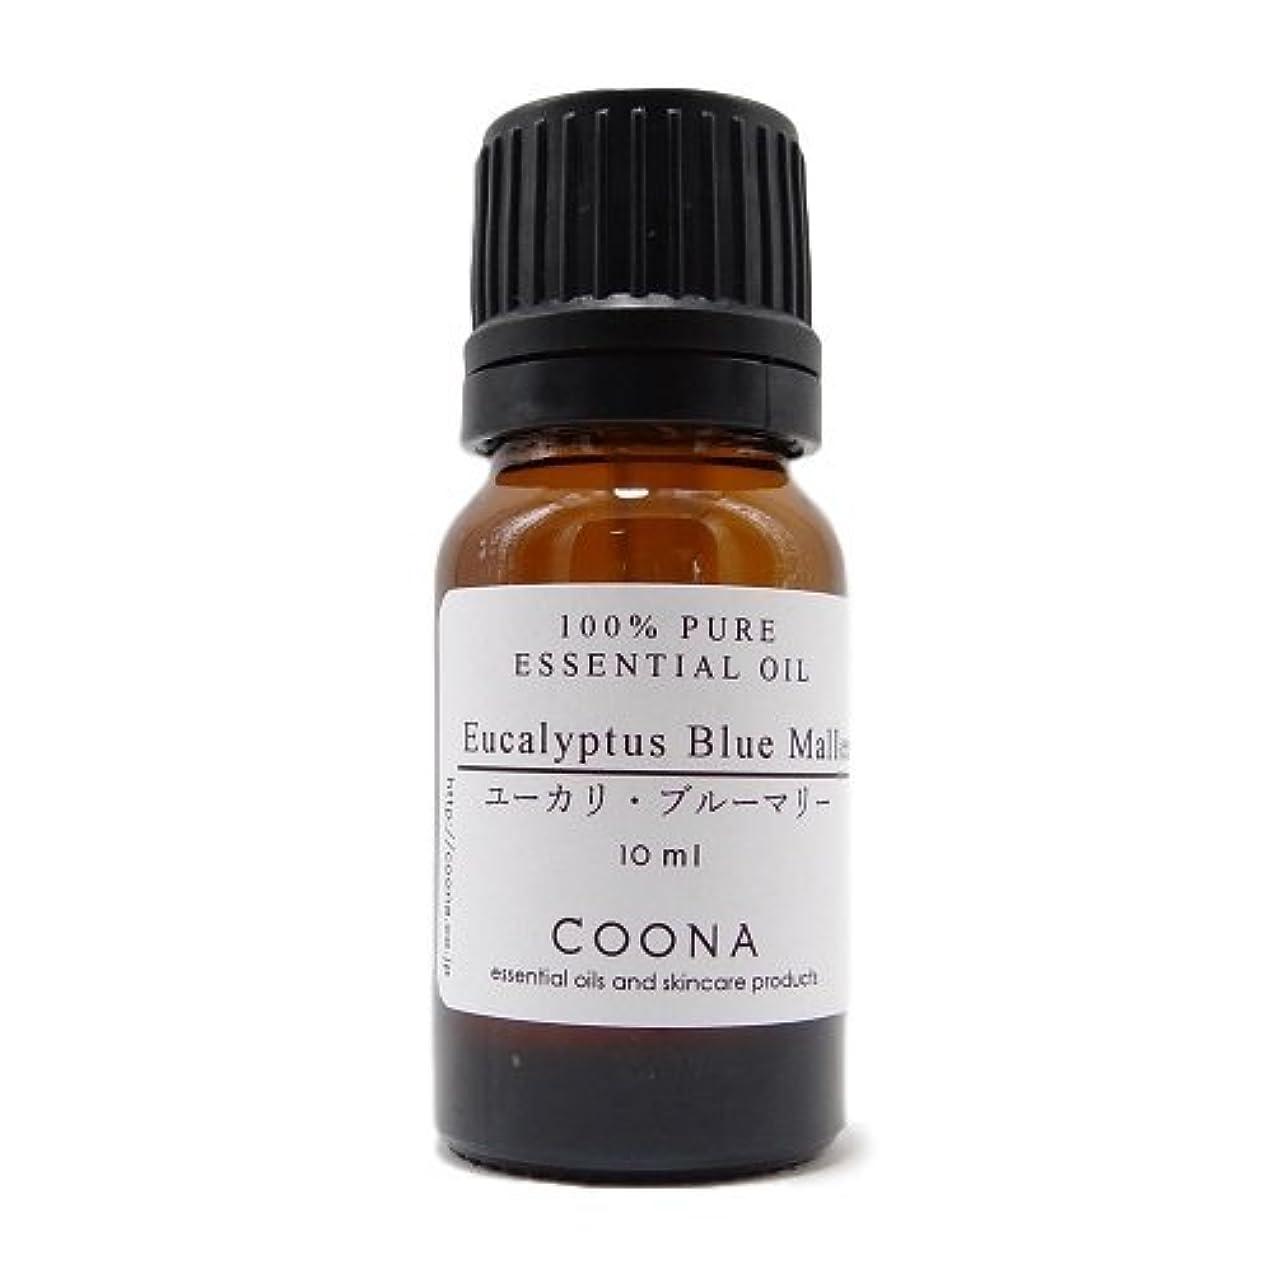 ユーカリ ブルーマリー 10ml (COONA エッセンシャルオイル アロマオイル 100%天然植物精油)